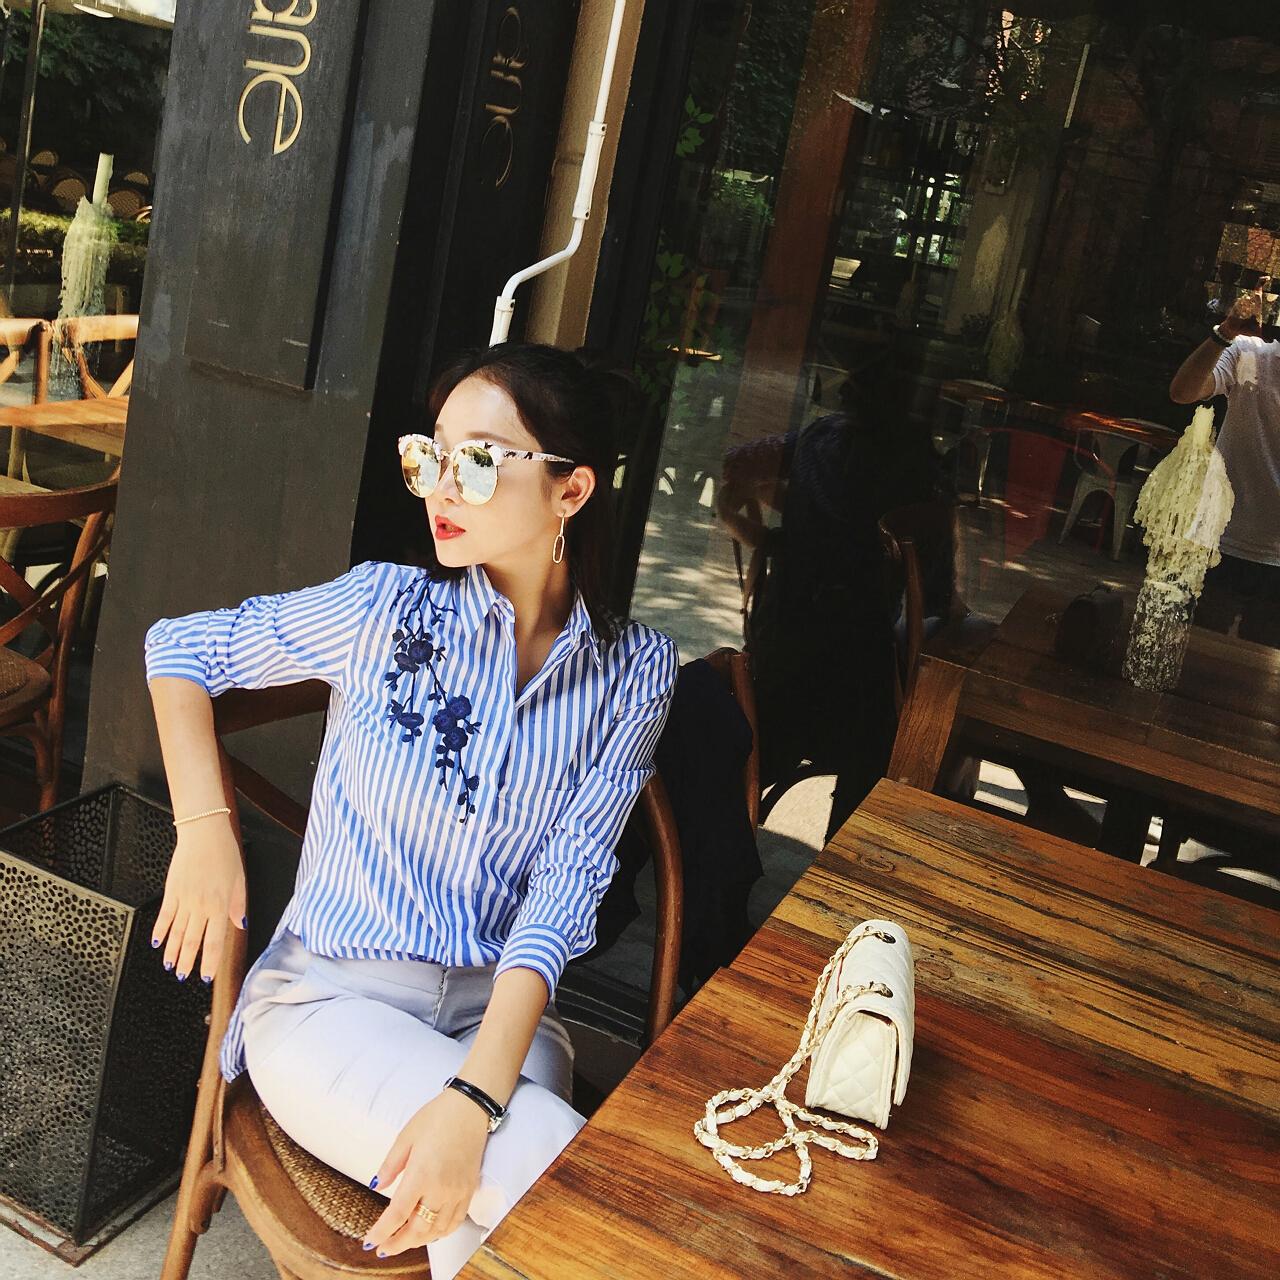 百搭显瘦文艺小清新竖条纹长袖刺绣衬衫